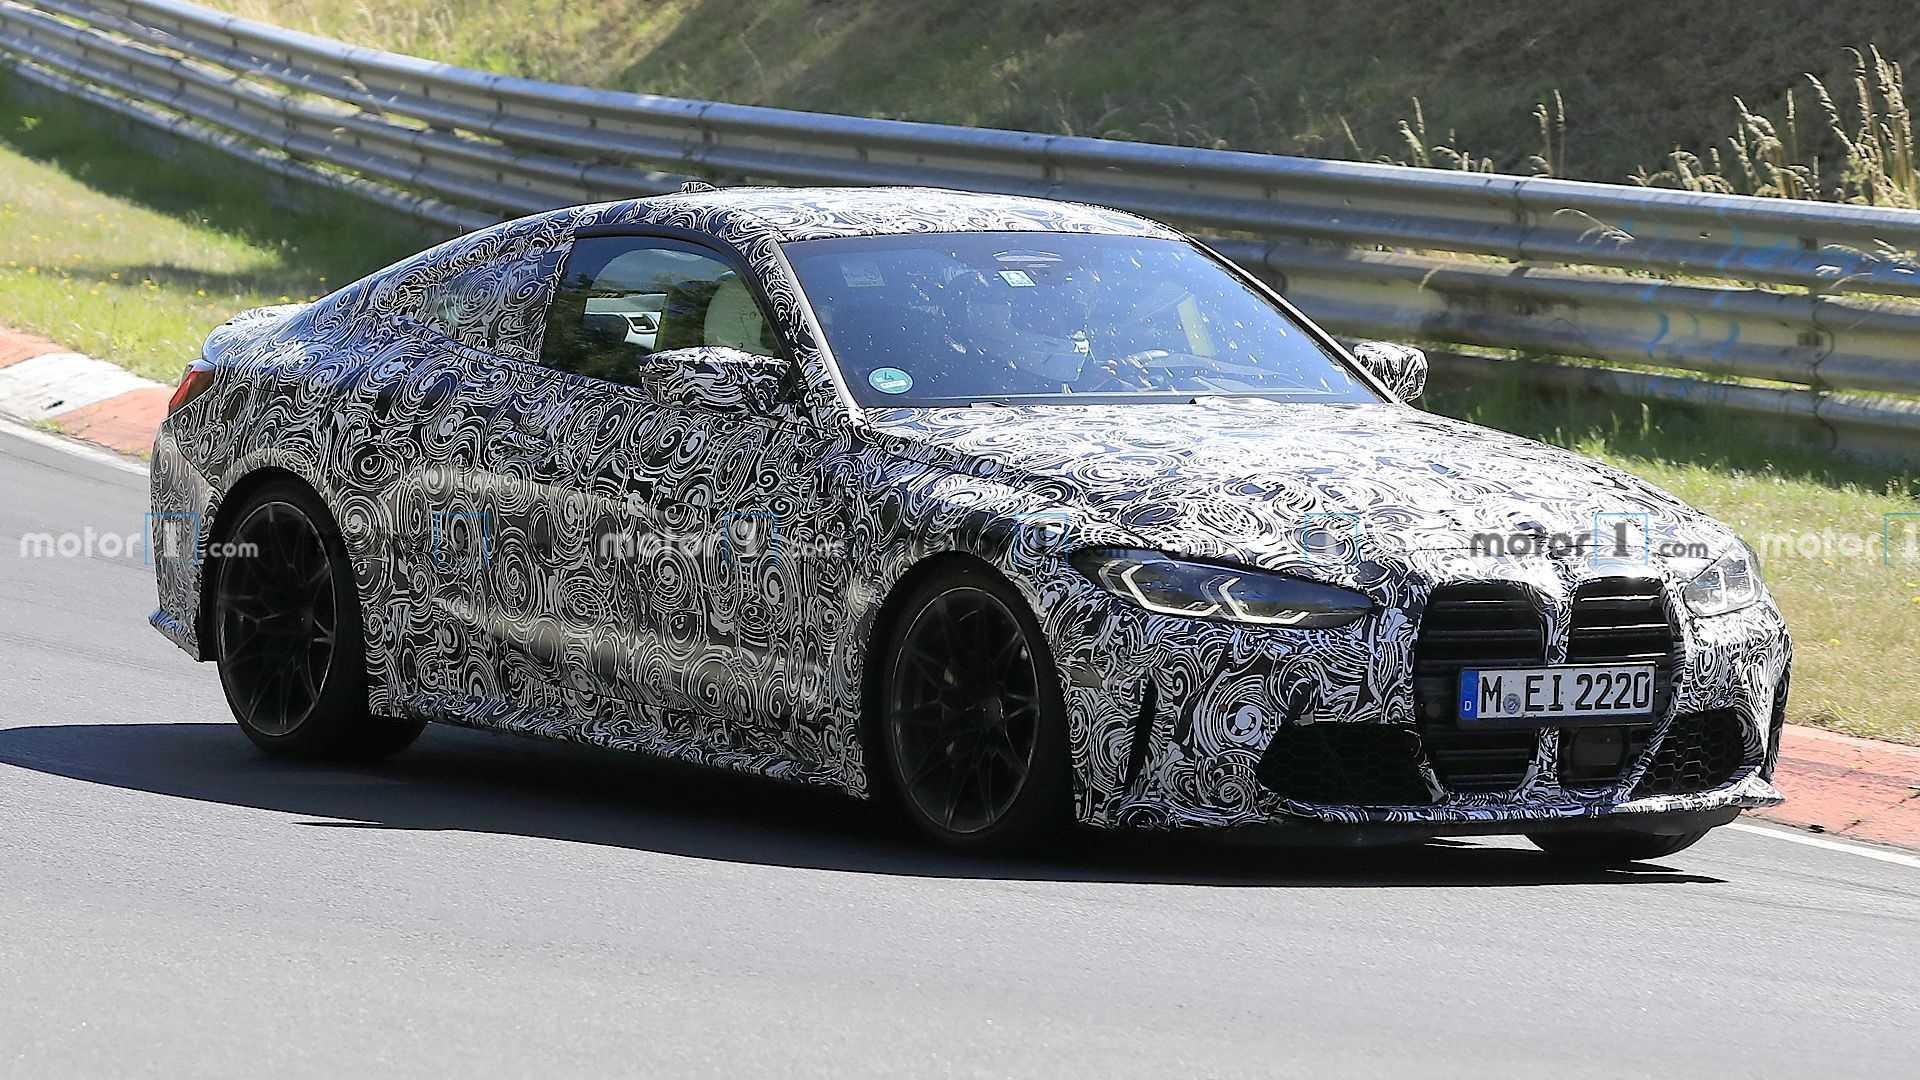 2020 - [BMW] M3/M4 - Page 18 Bmw-m4-spy-photos-front-3-4